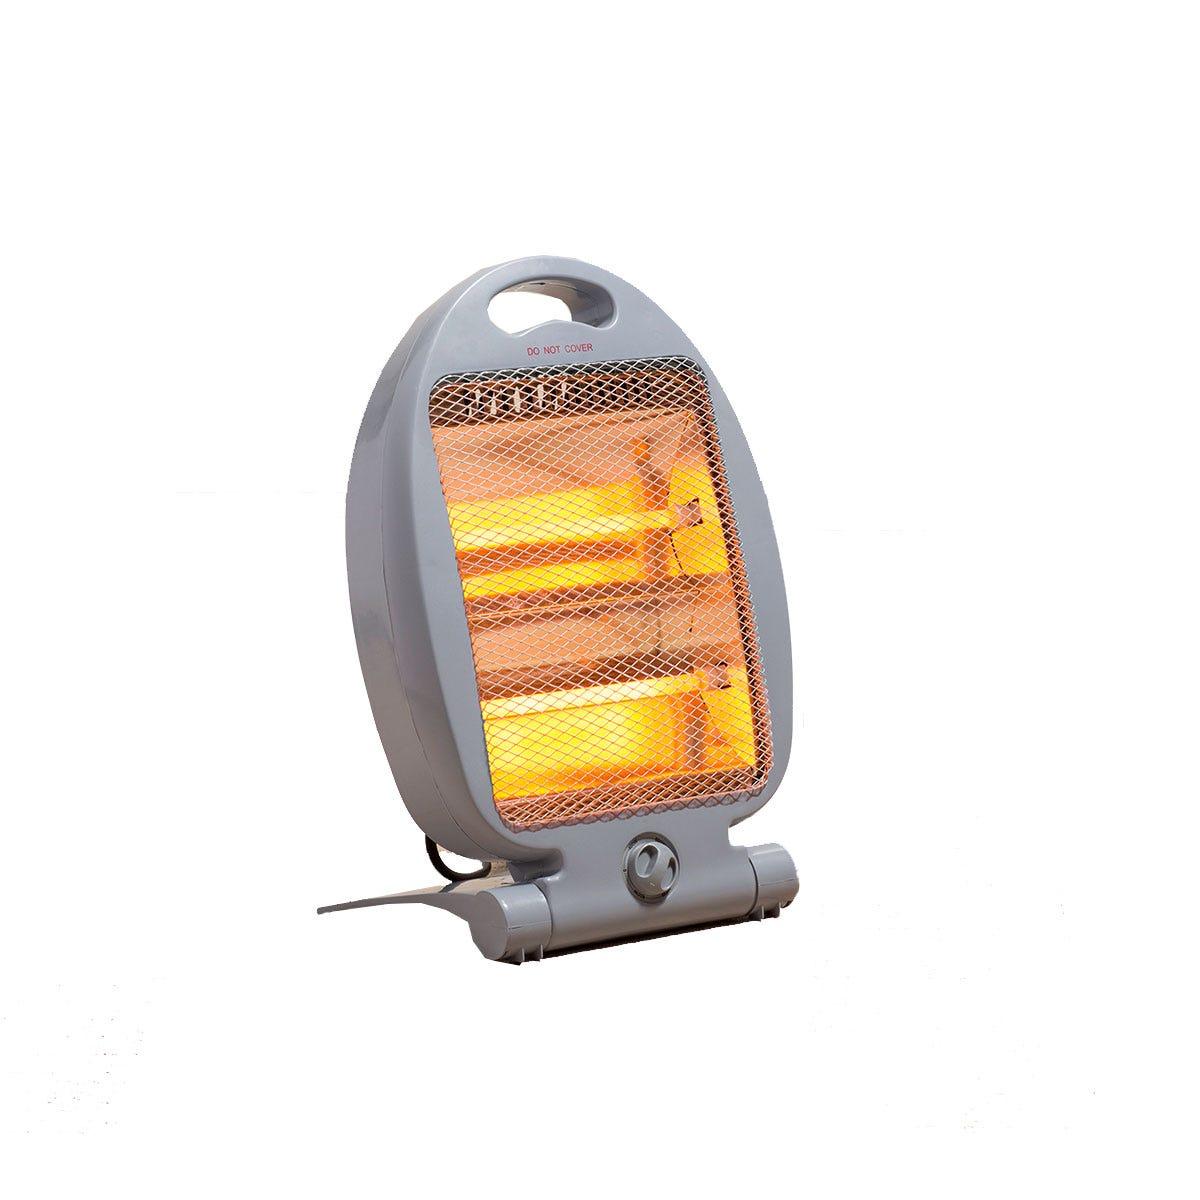 Robert Dyas Small Quartz Heater - 800W